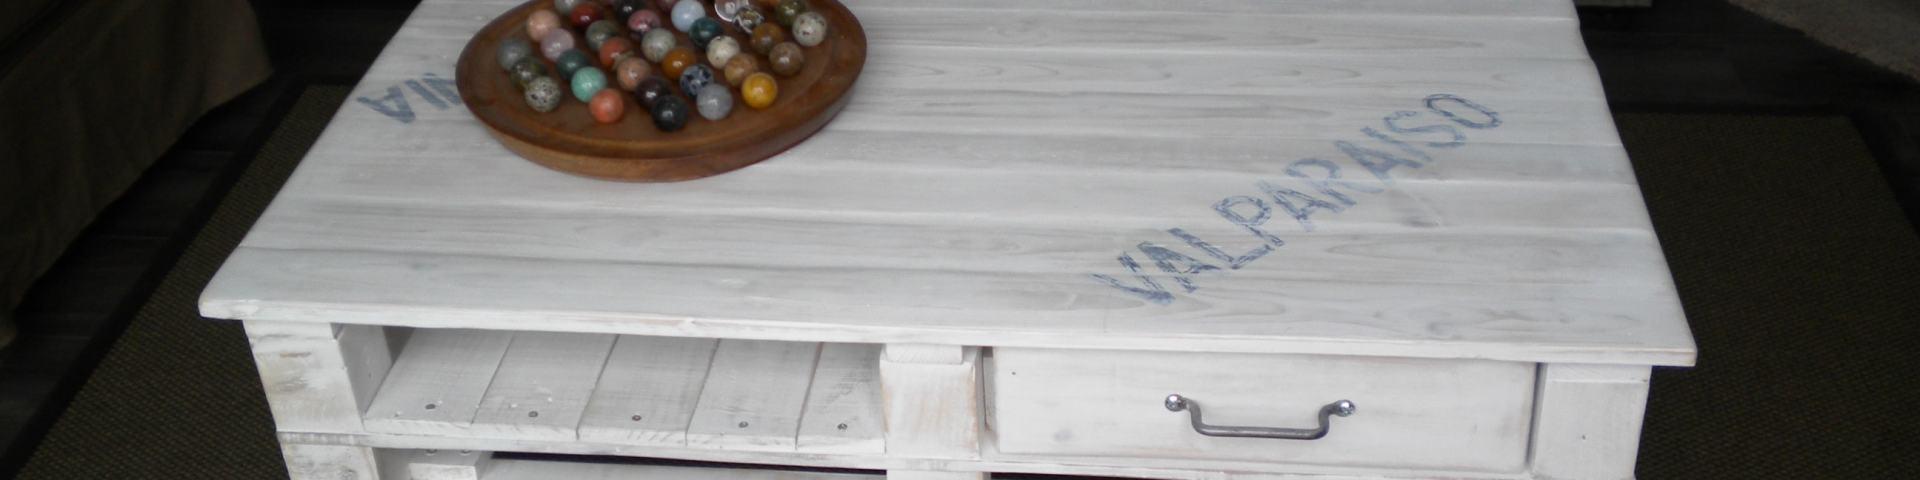 Table Palette Roulette